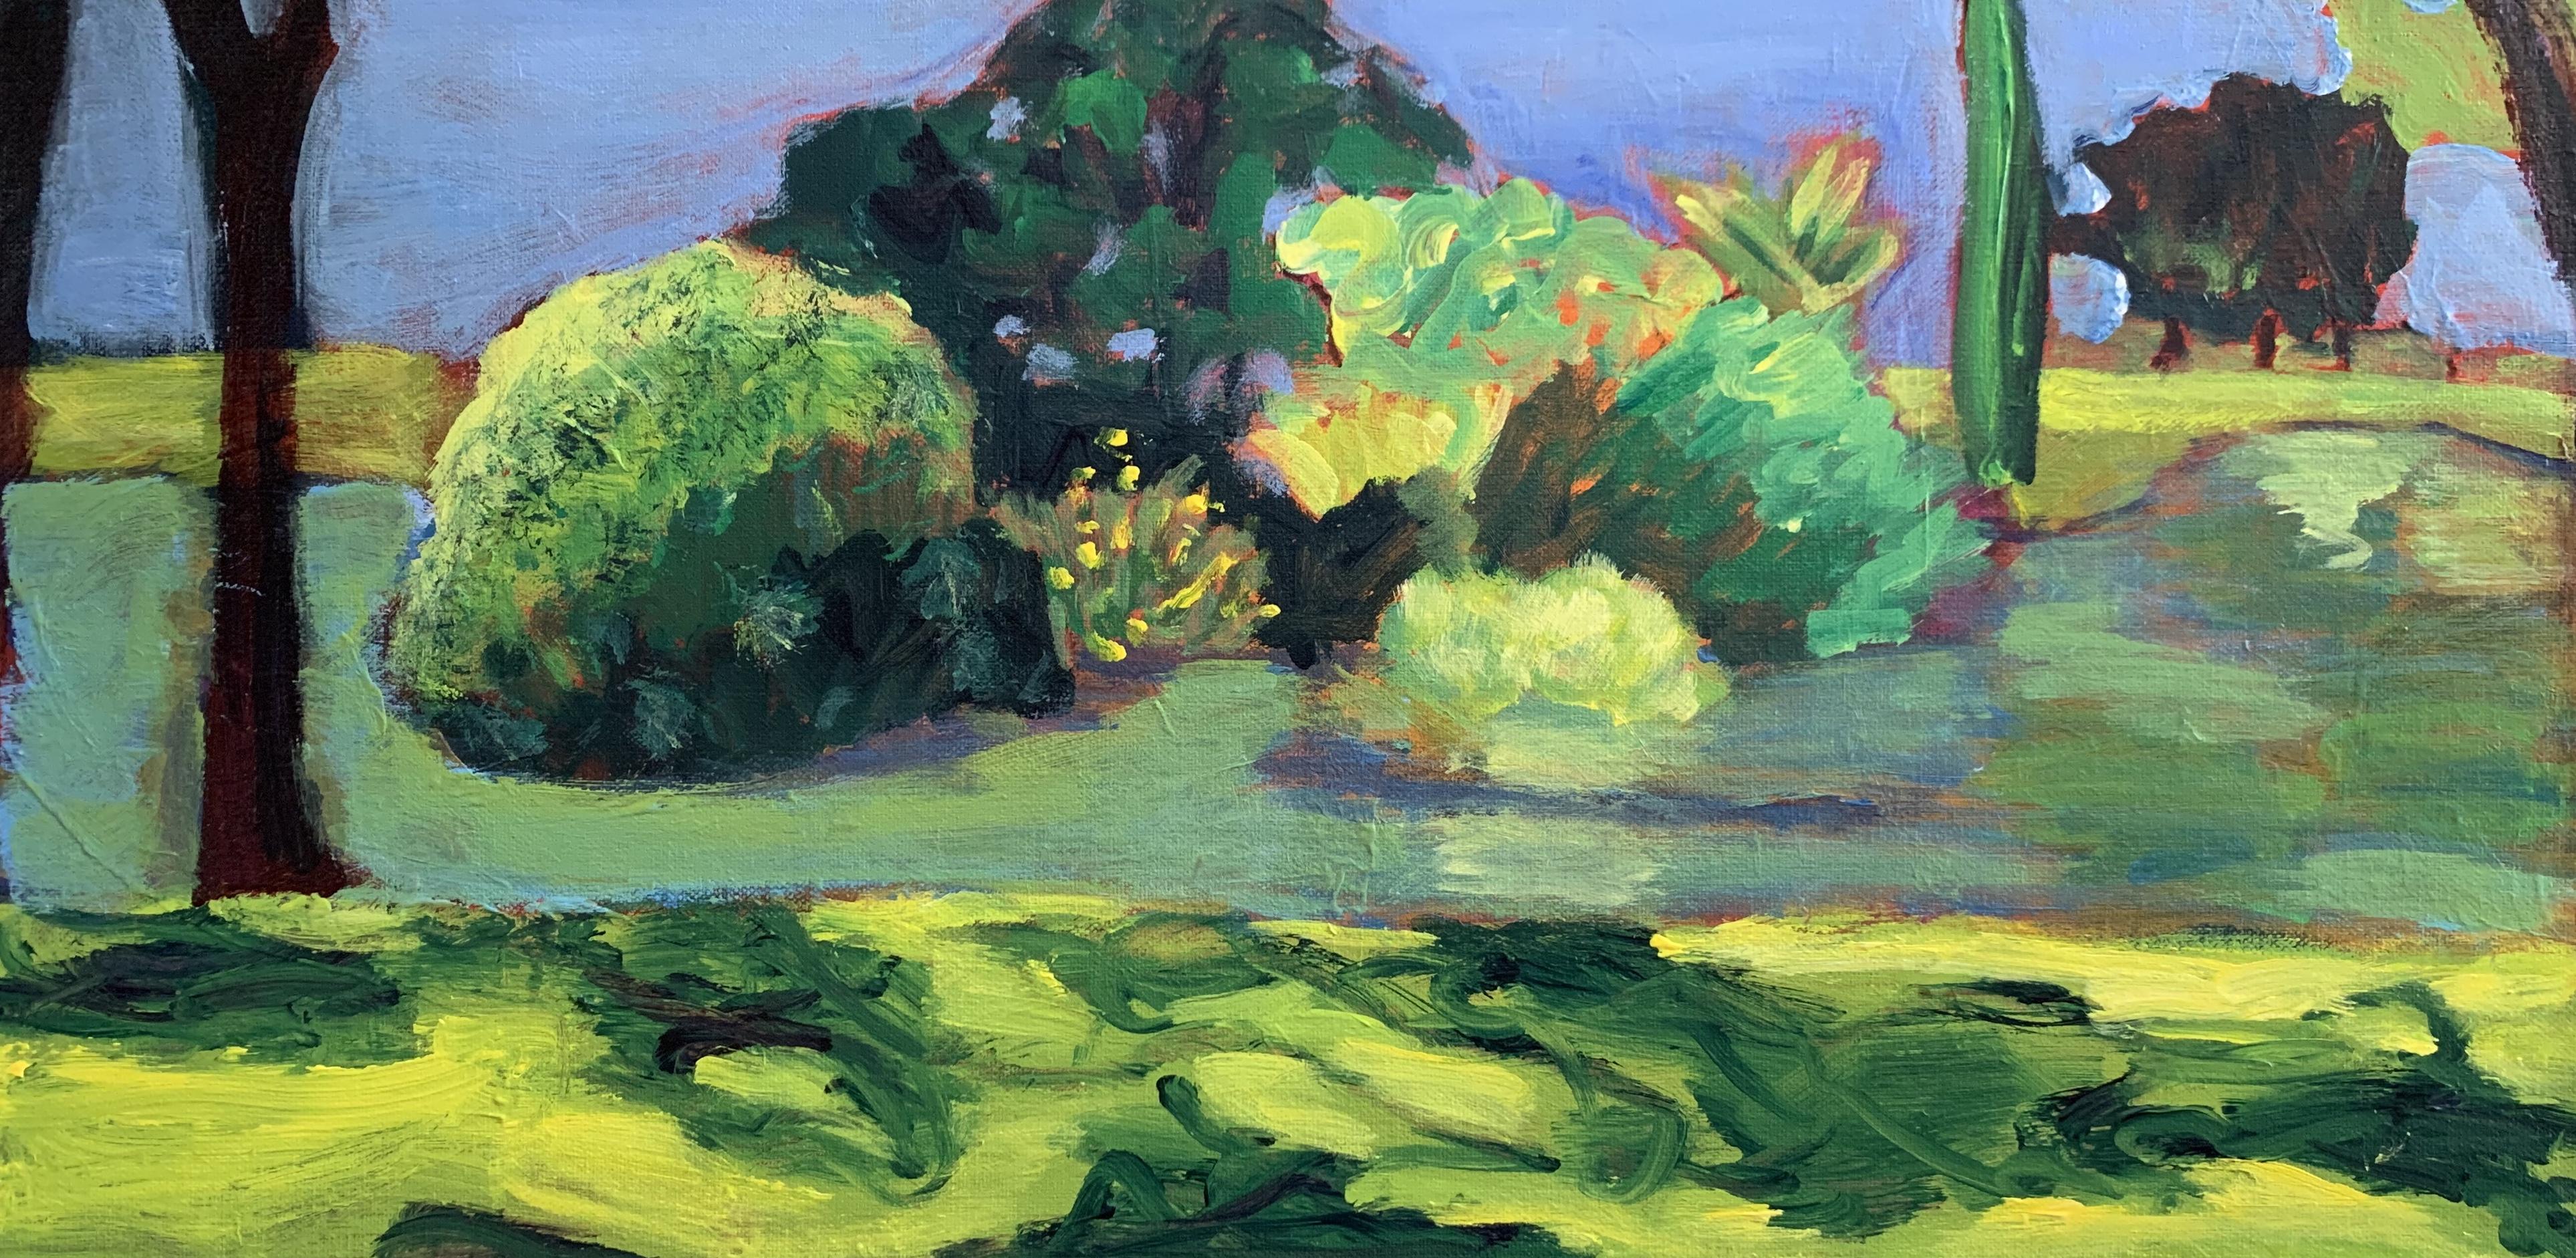 Land Park Pond